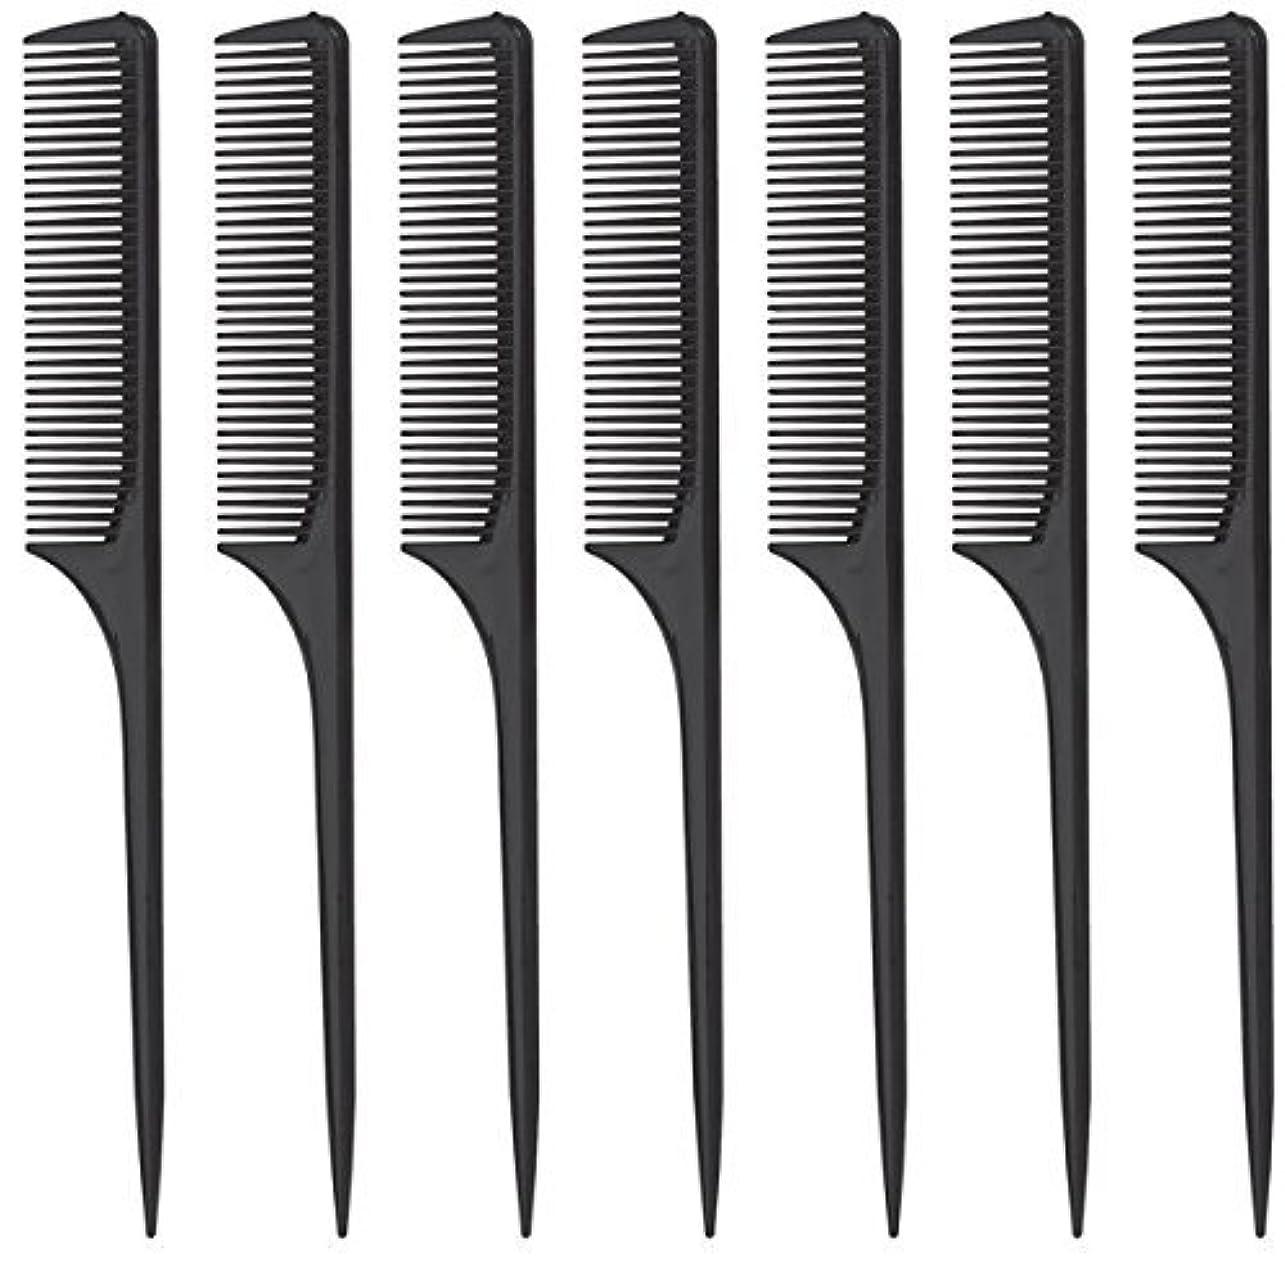 近所の料理をするブランチDiane Rat Tail Comb, Black, 9 Inch, 12 Count [並行輸入品]